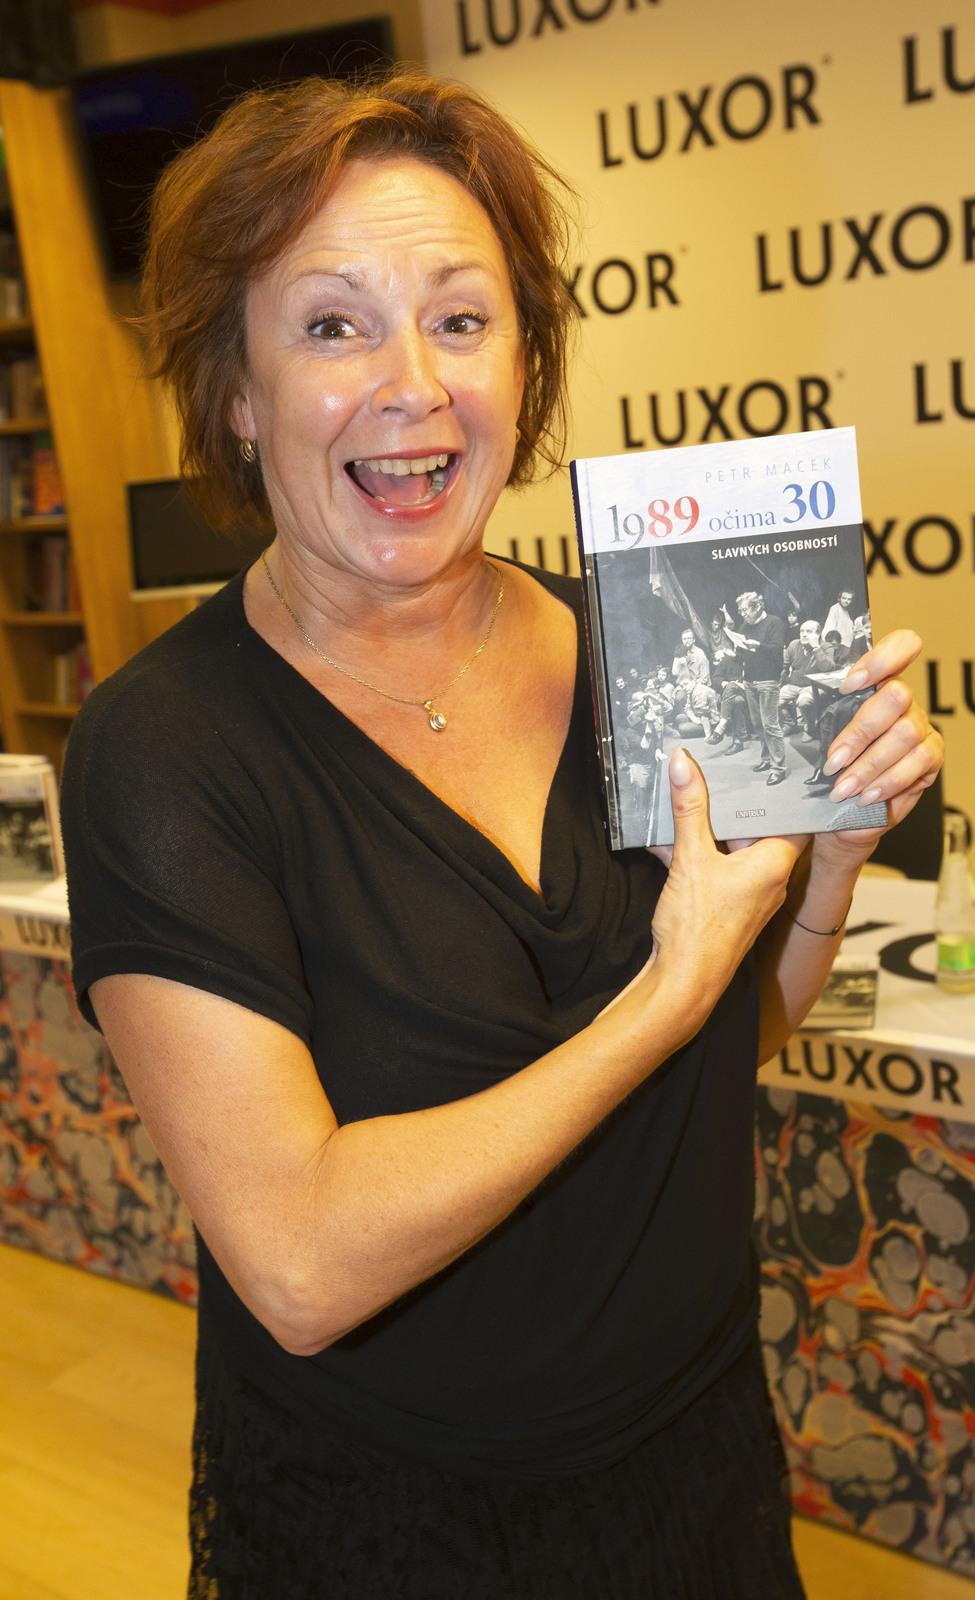 Ilona Svobodová na křtu knihy 1989 očima 30